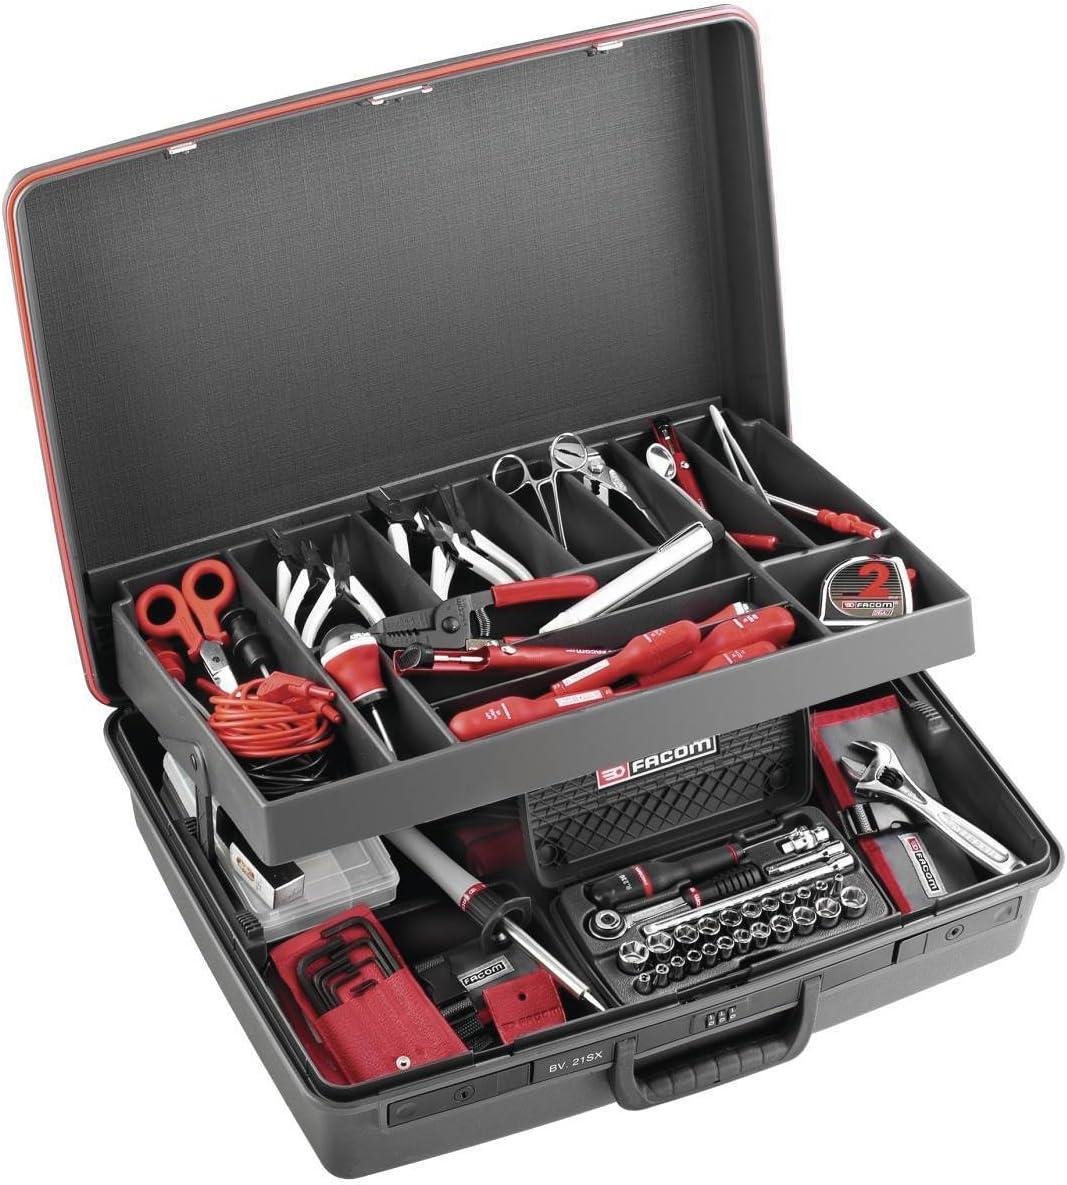 Facom 2138.EL35 - COMPOSICION ELECTRO.148 OUTILS+BV.21: Amazon.es: Bricolaje y herramientas